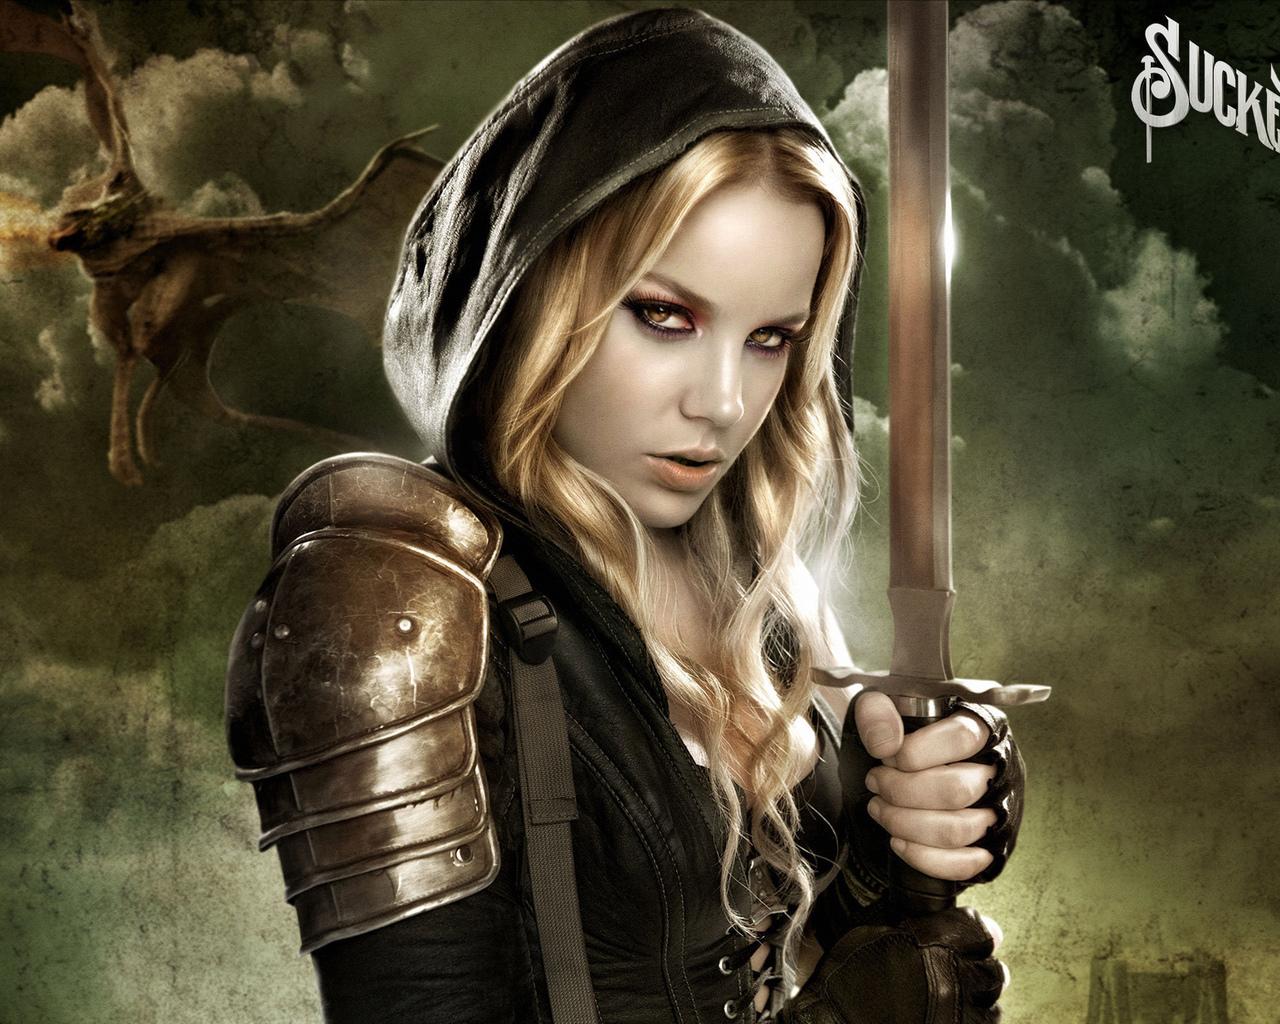 22246 Hintergrundbild herunterladen Mädchen, Menschen, Fantasie, Swords - Bildschirmschoner und Bilder kostenlos